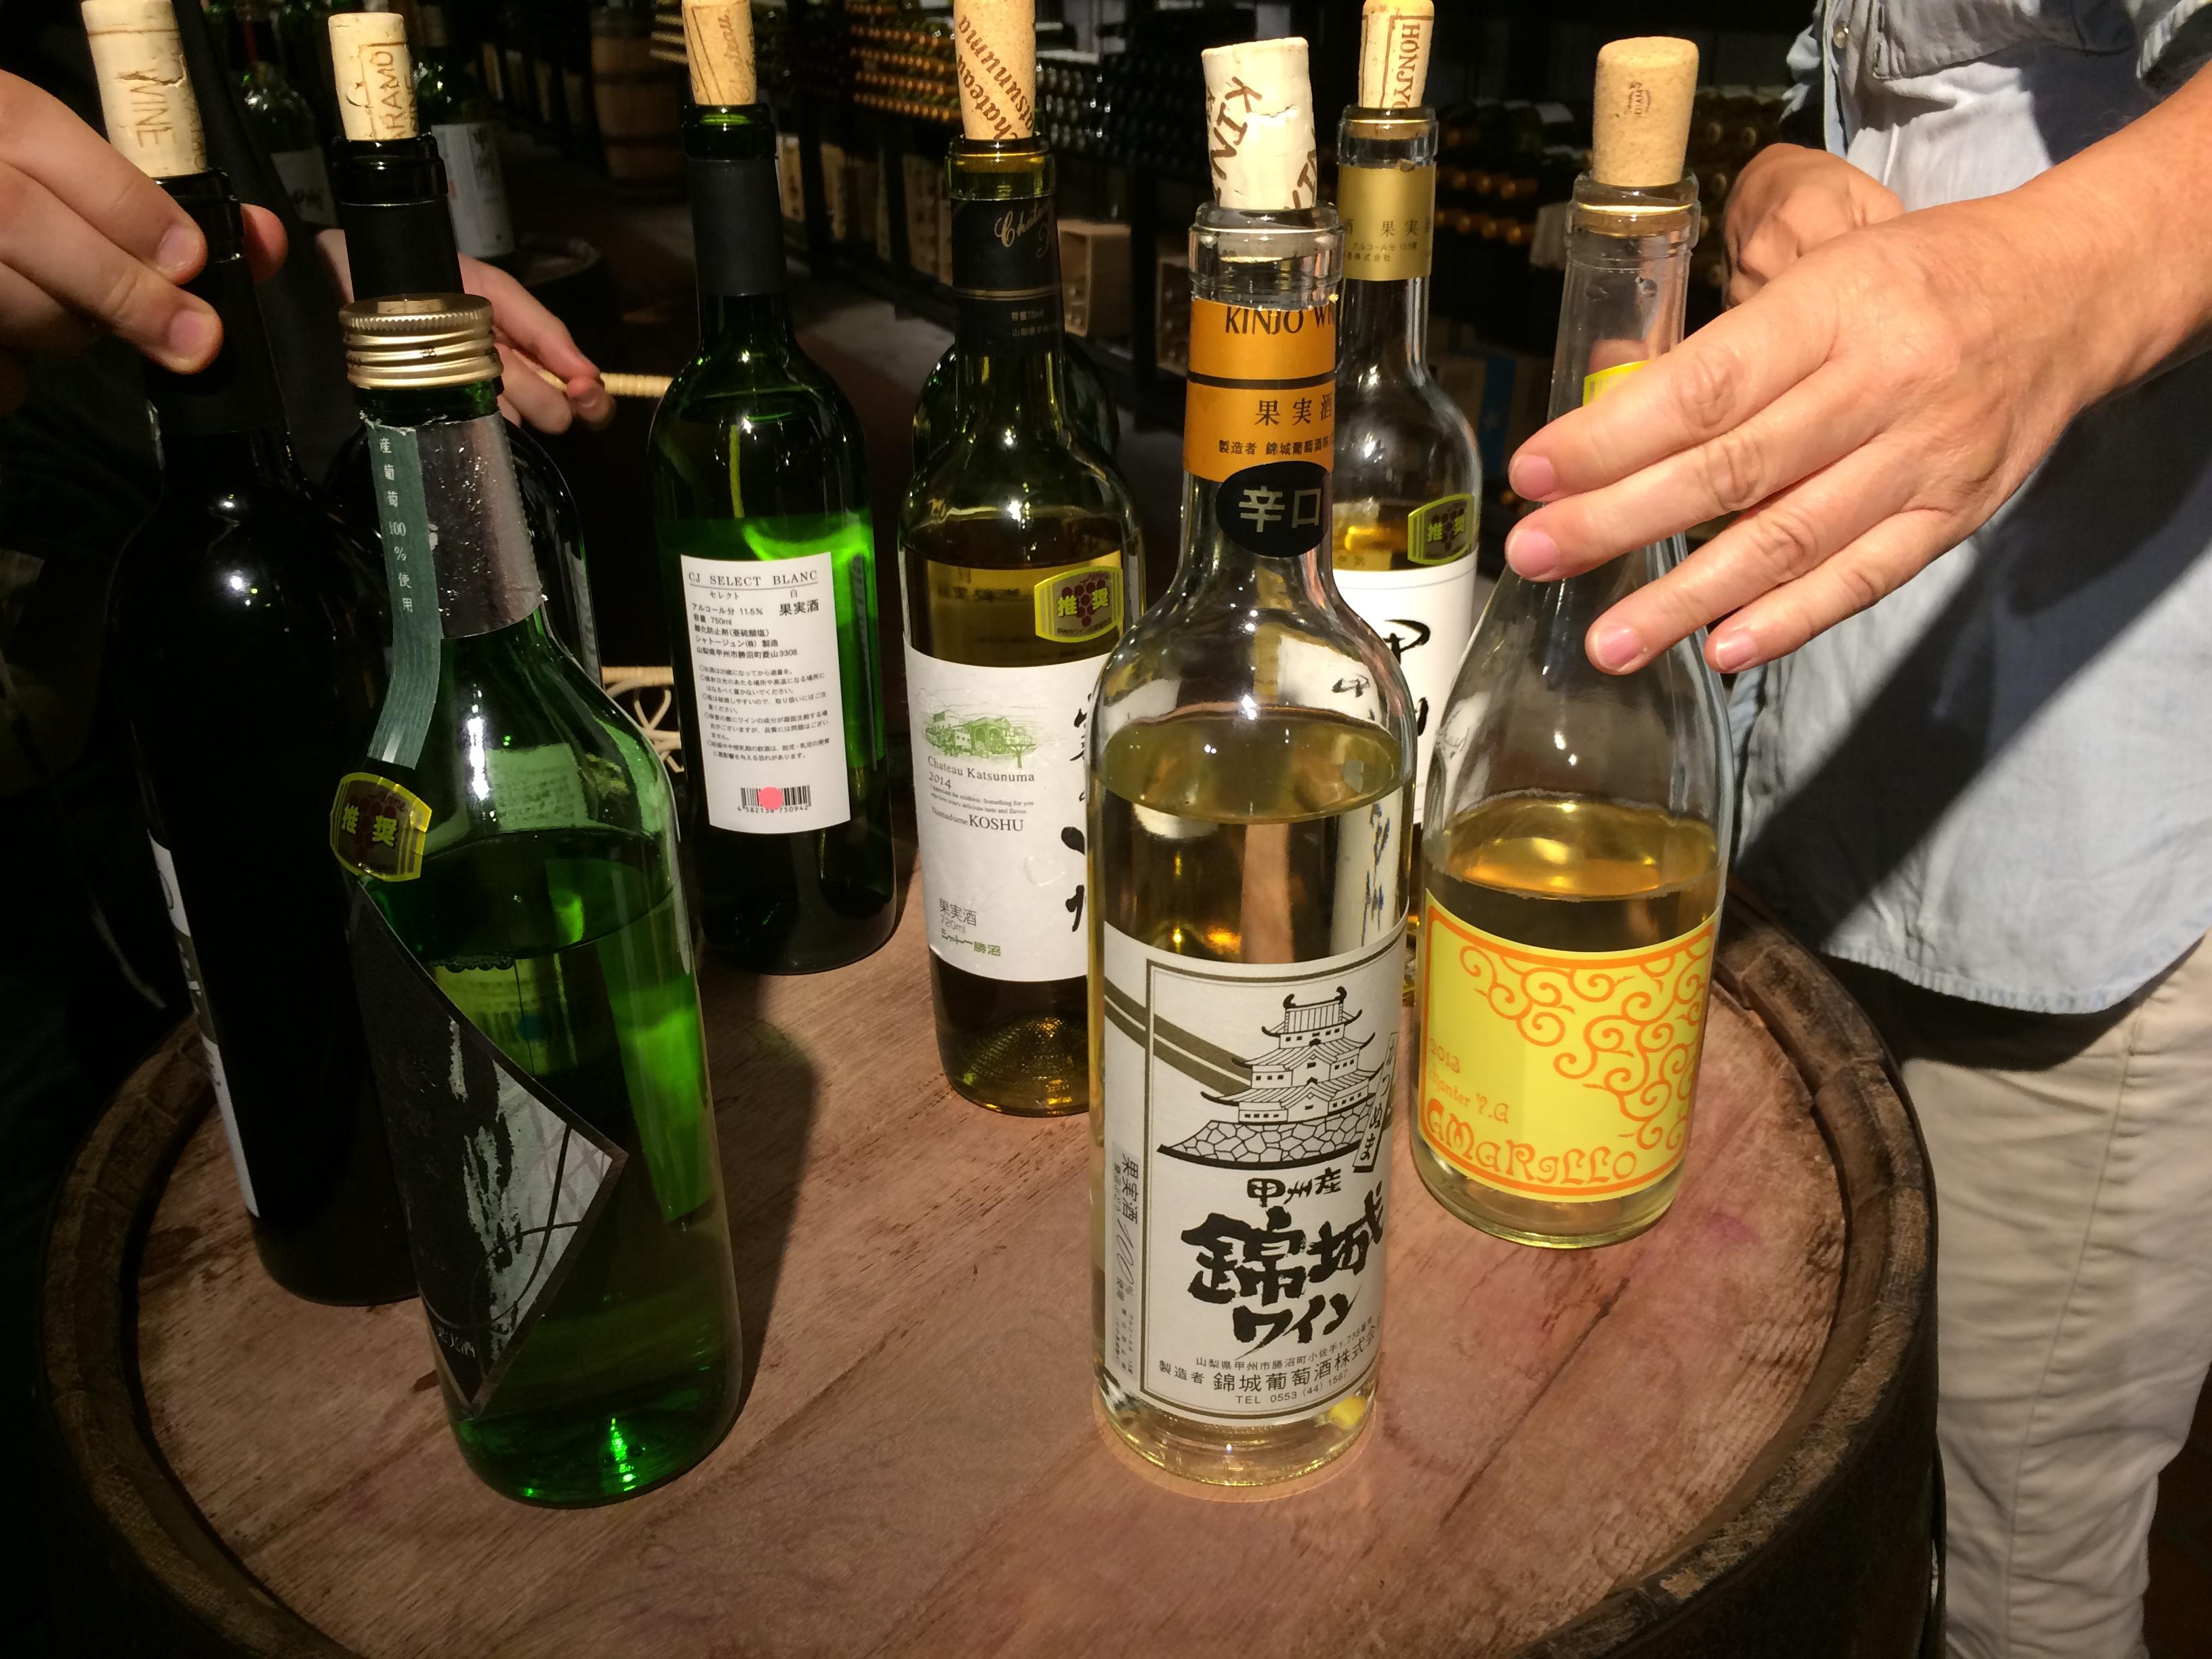 Bottles of white wine from Yamanashi